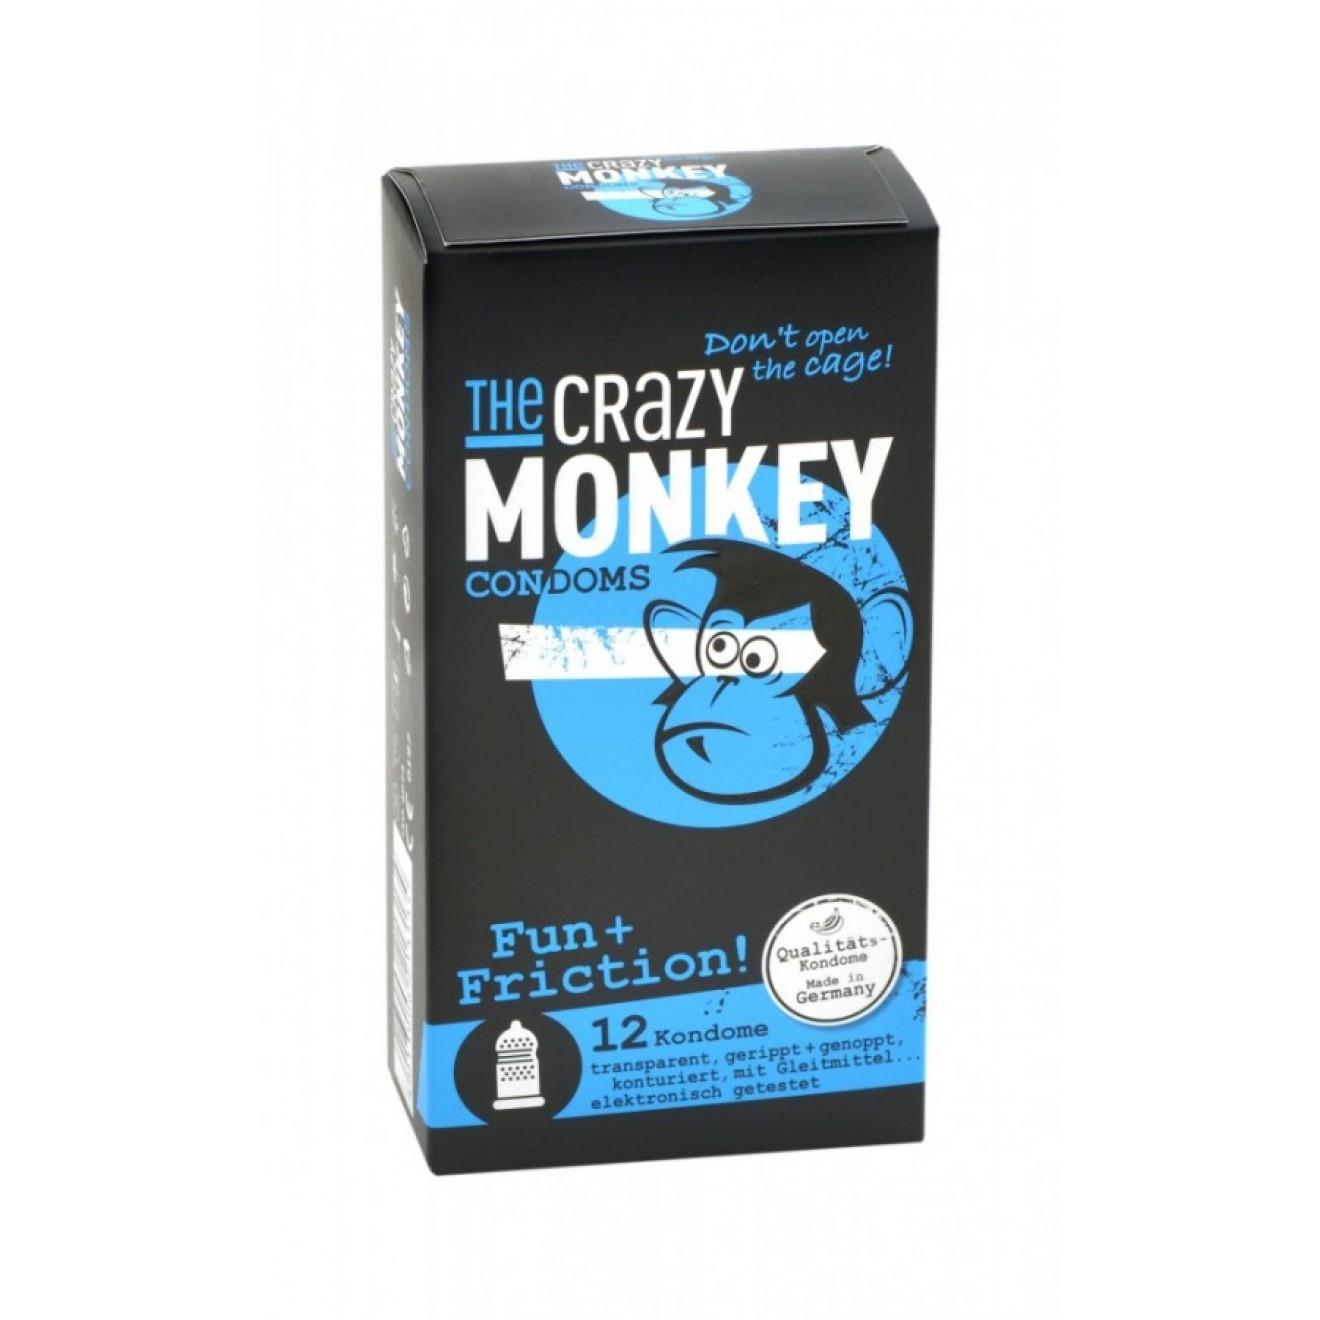 12 the crazy monkey kondome fun friction kondome gleitgel sexspielzeug u v m diskret. Black Bedroom Furniture Sets. Home Design Ideas